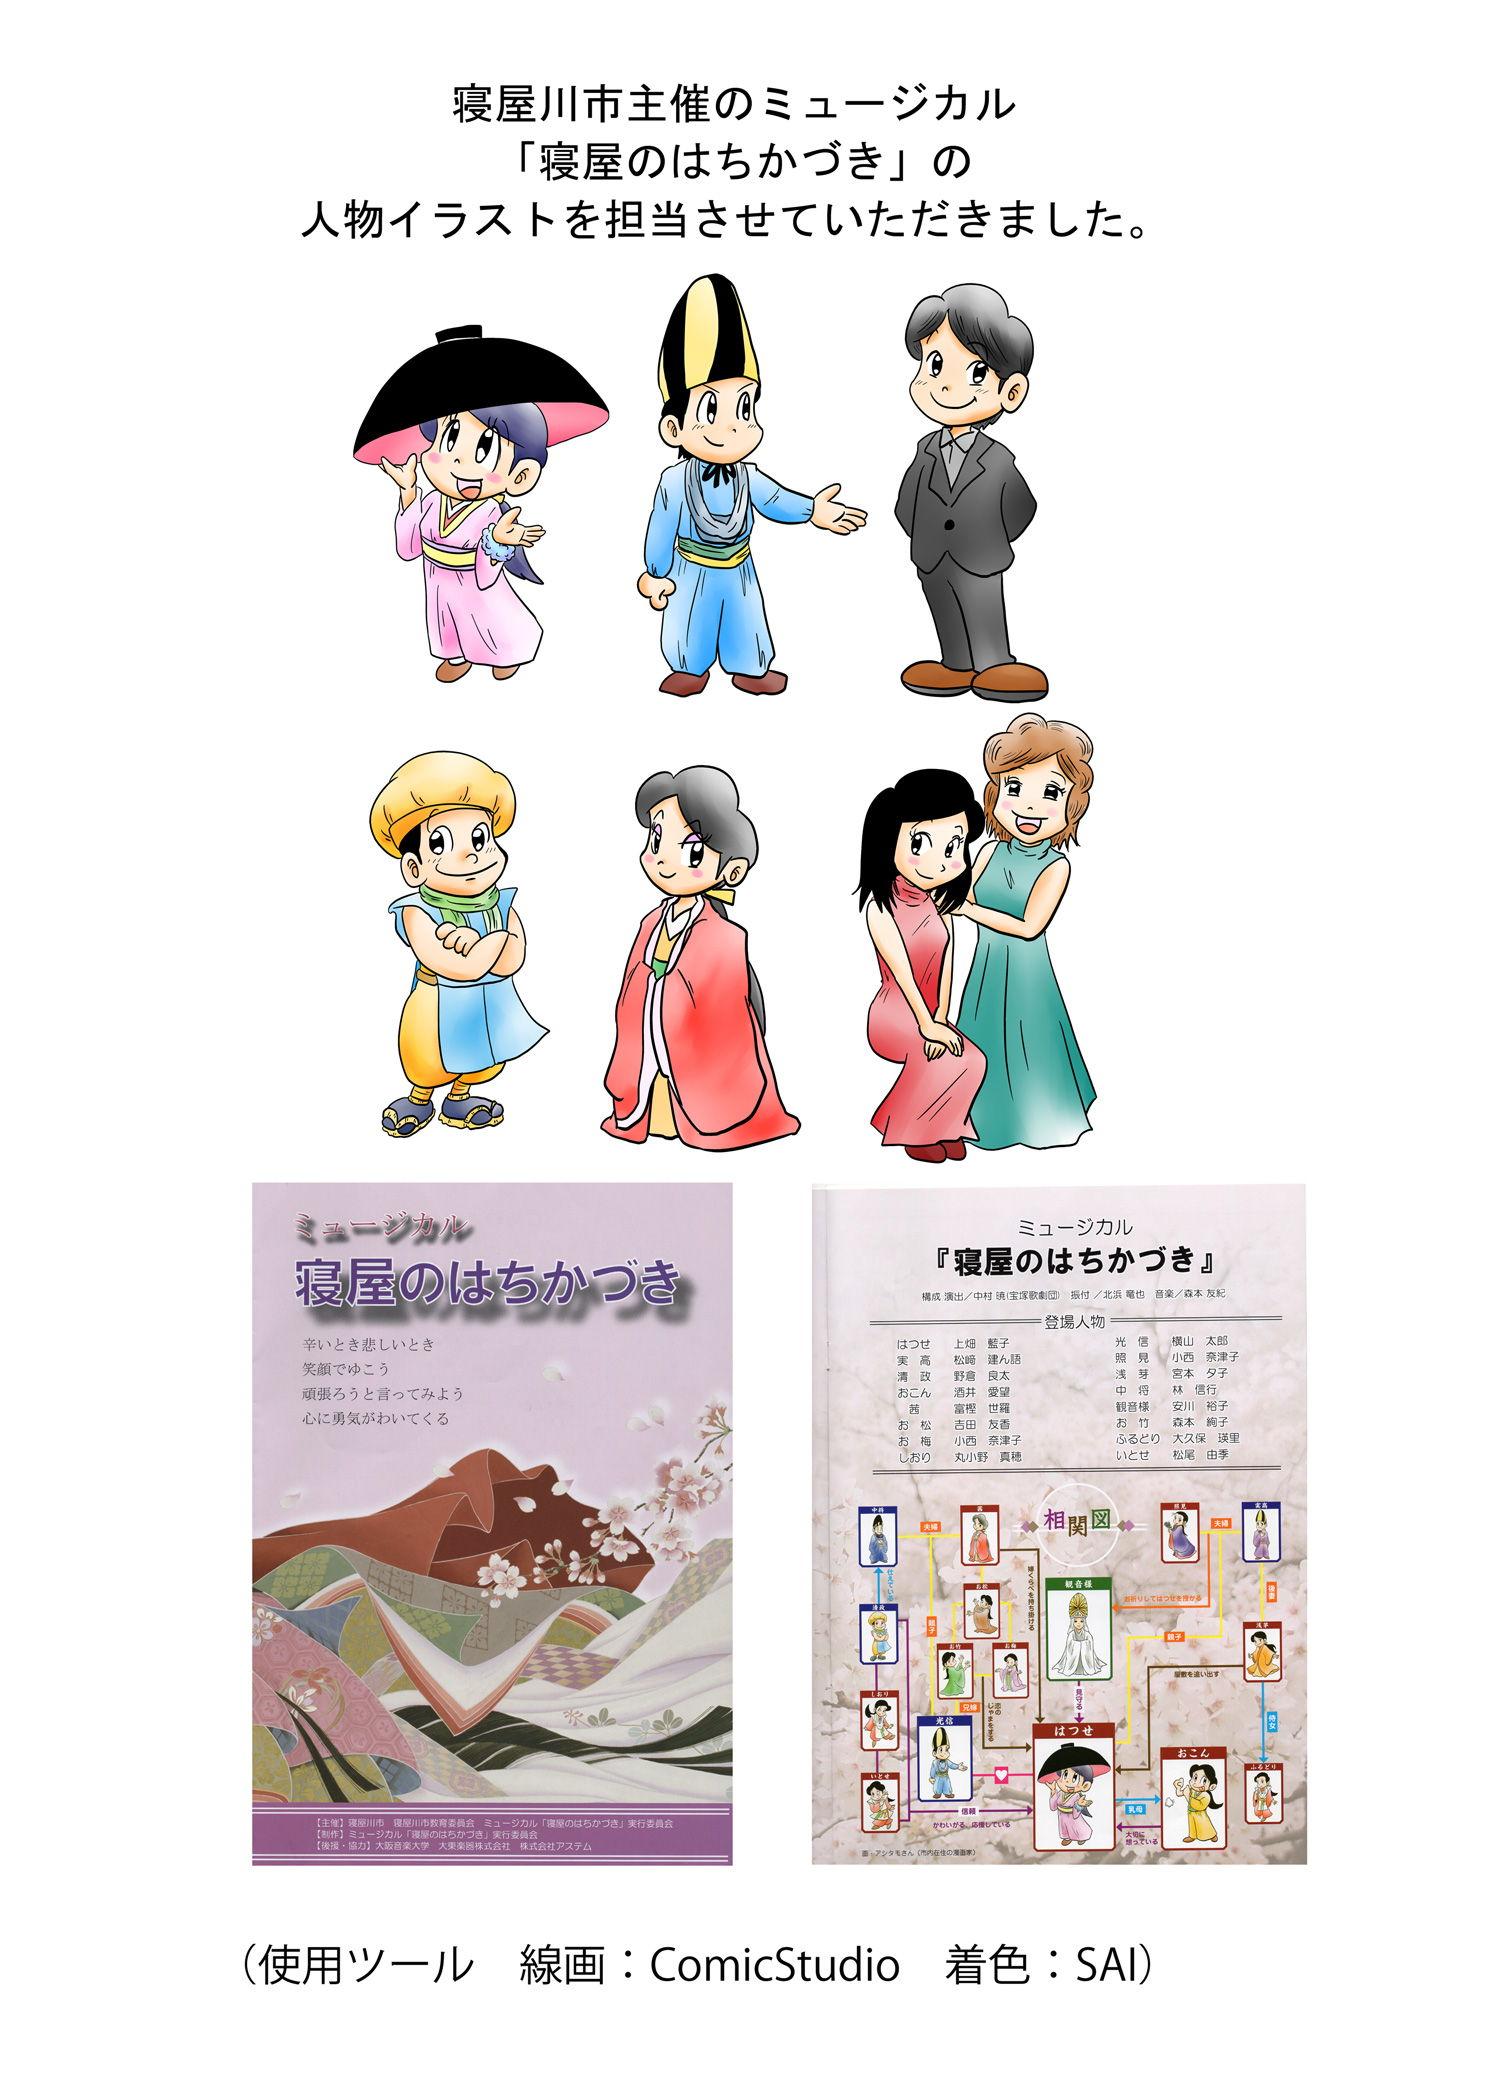 ミュージカル寝屋のはちかづきキャラクターイラスト アシタモ